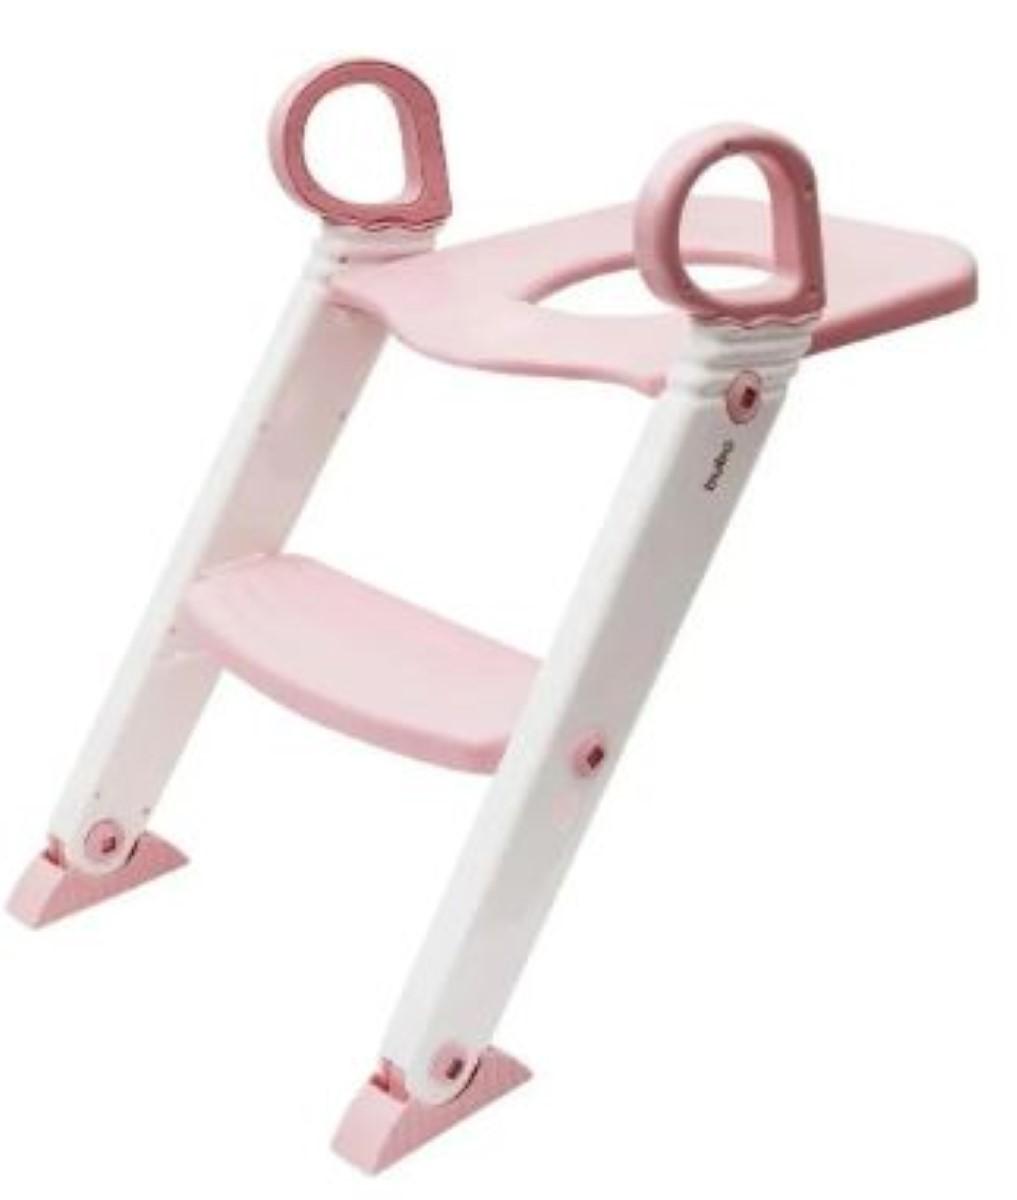 Redutor De Assento Com Escada Rosa Buba Crianca Vaso Sanitário Fixador Articulavel Altura Ajustavel Pe Antiderrapante.